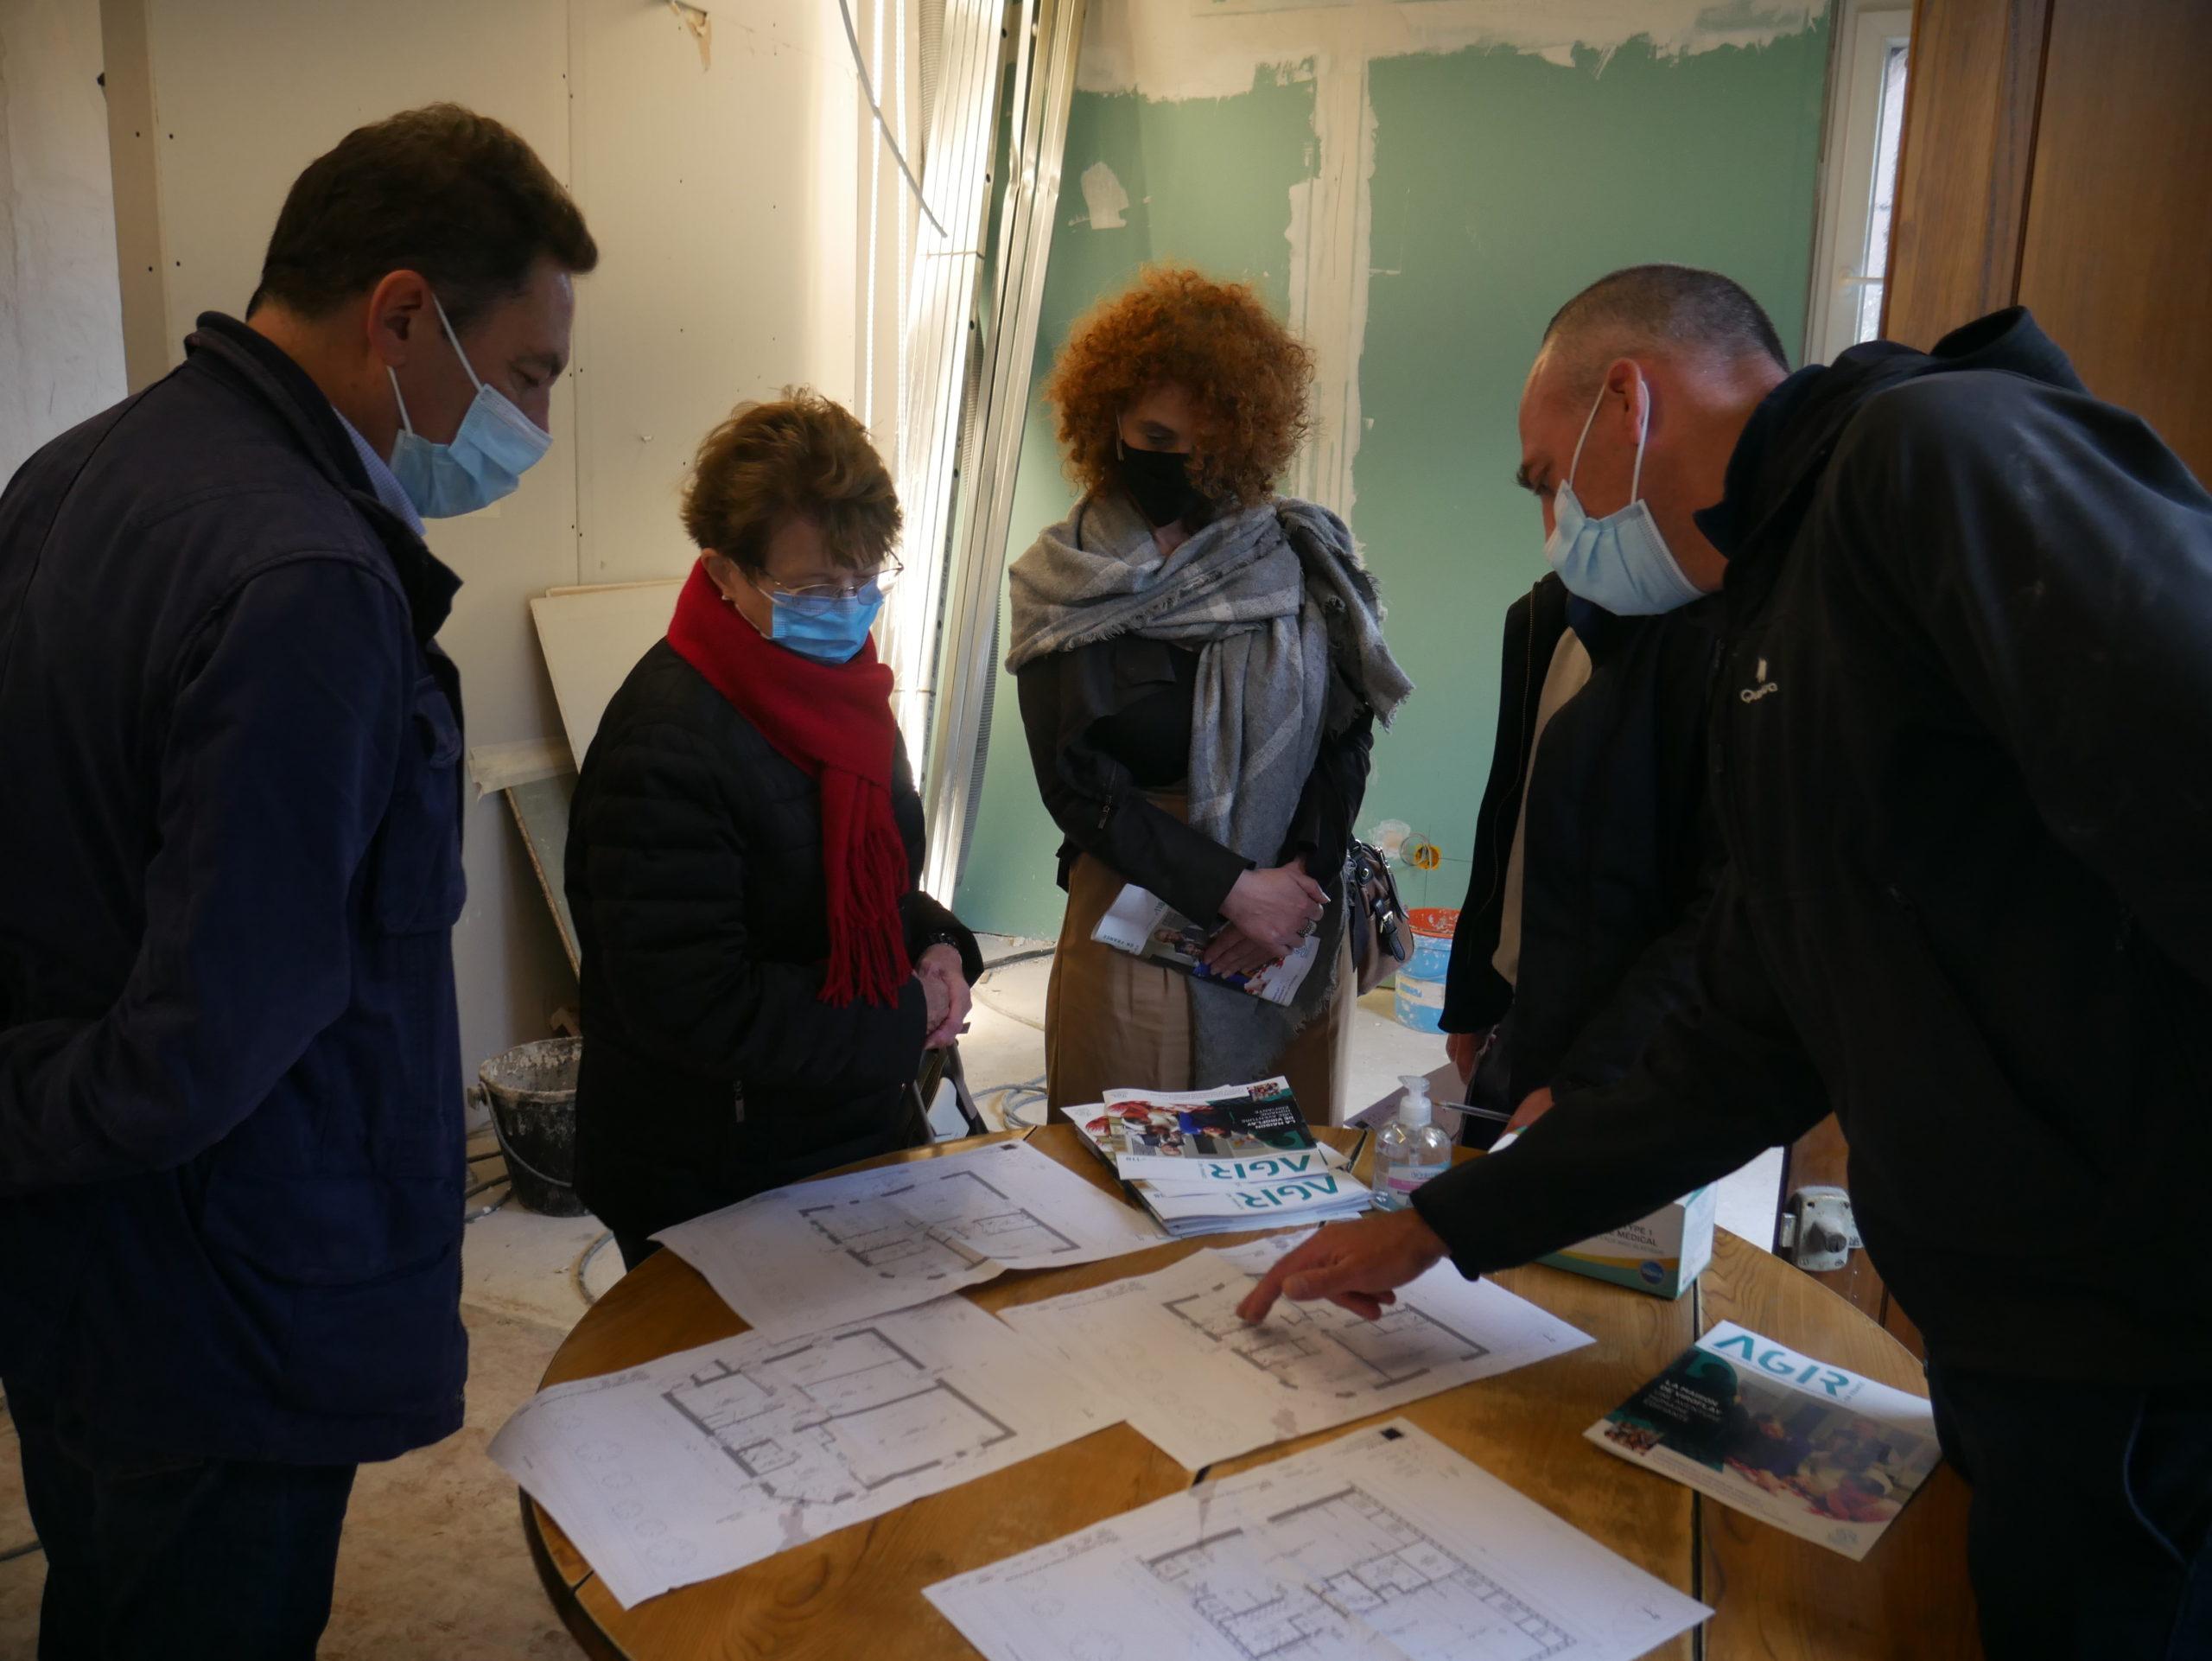 Sylvain Boureau, architecte, présente les plans de la maison